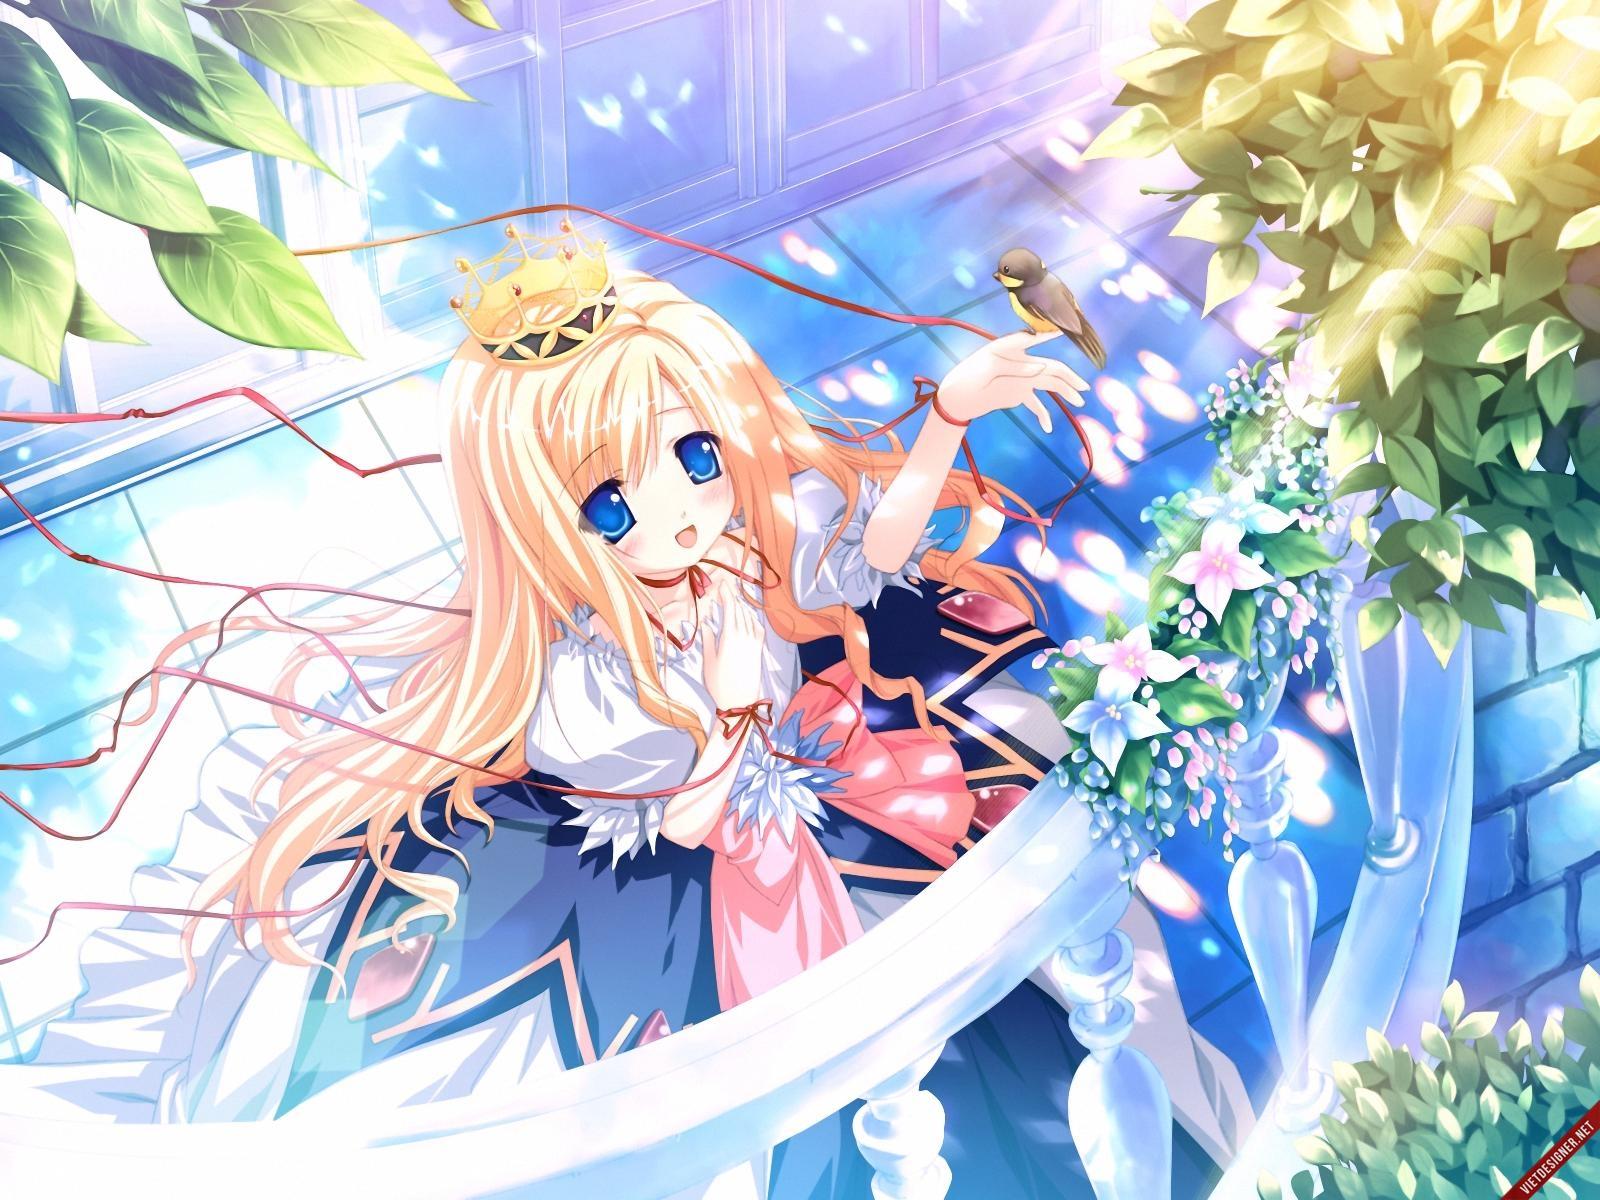 Ảnh anime cô công chúa tóc vàng dễ thương